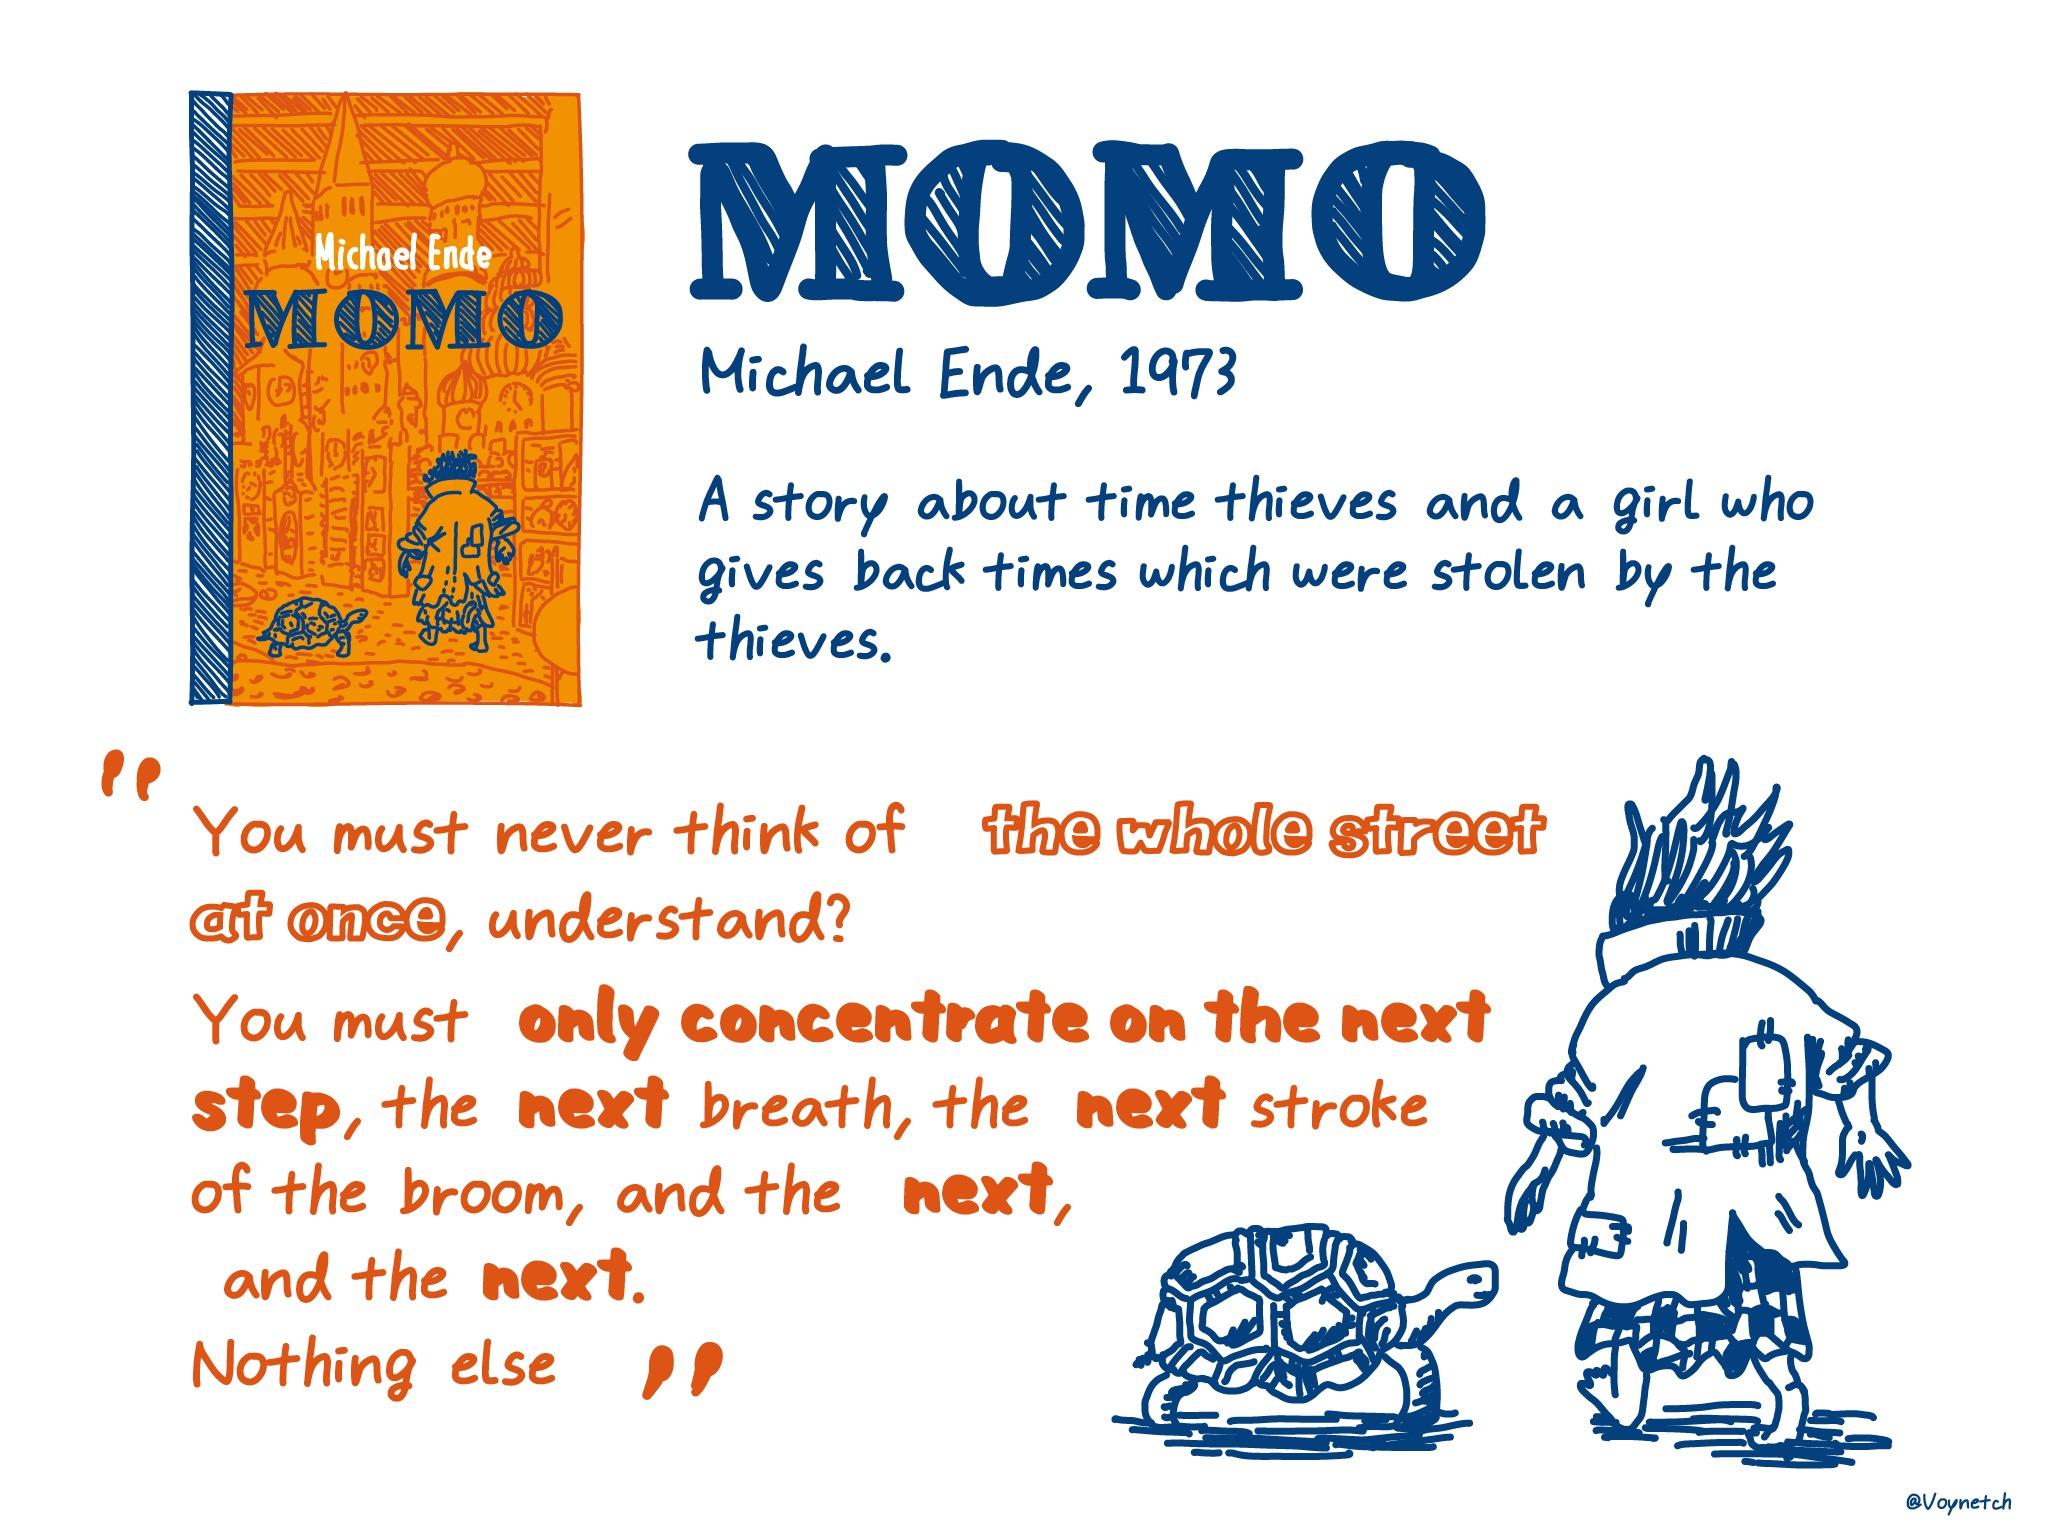 MOMO Image (1/1)